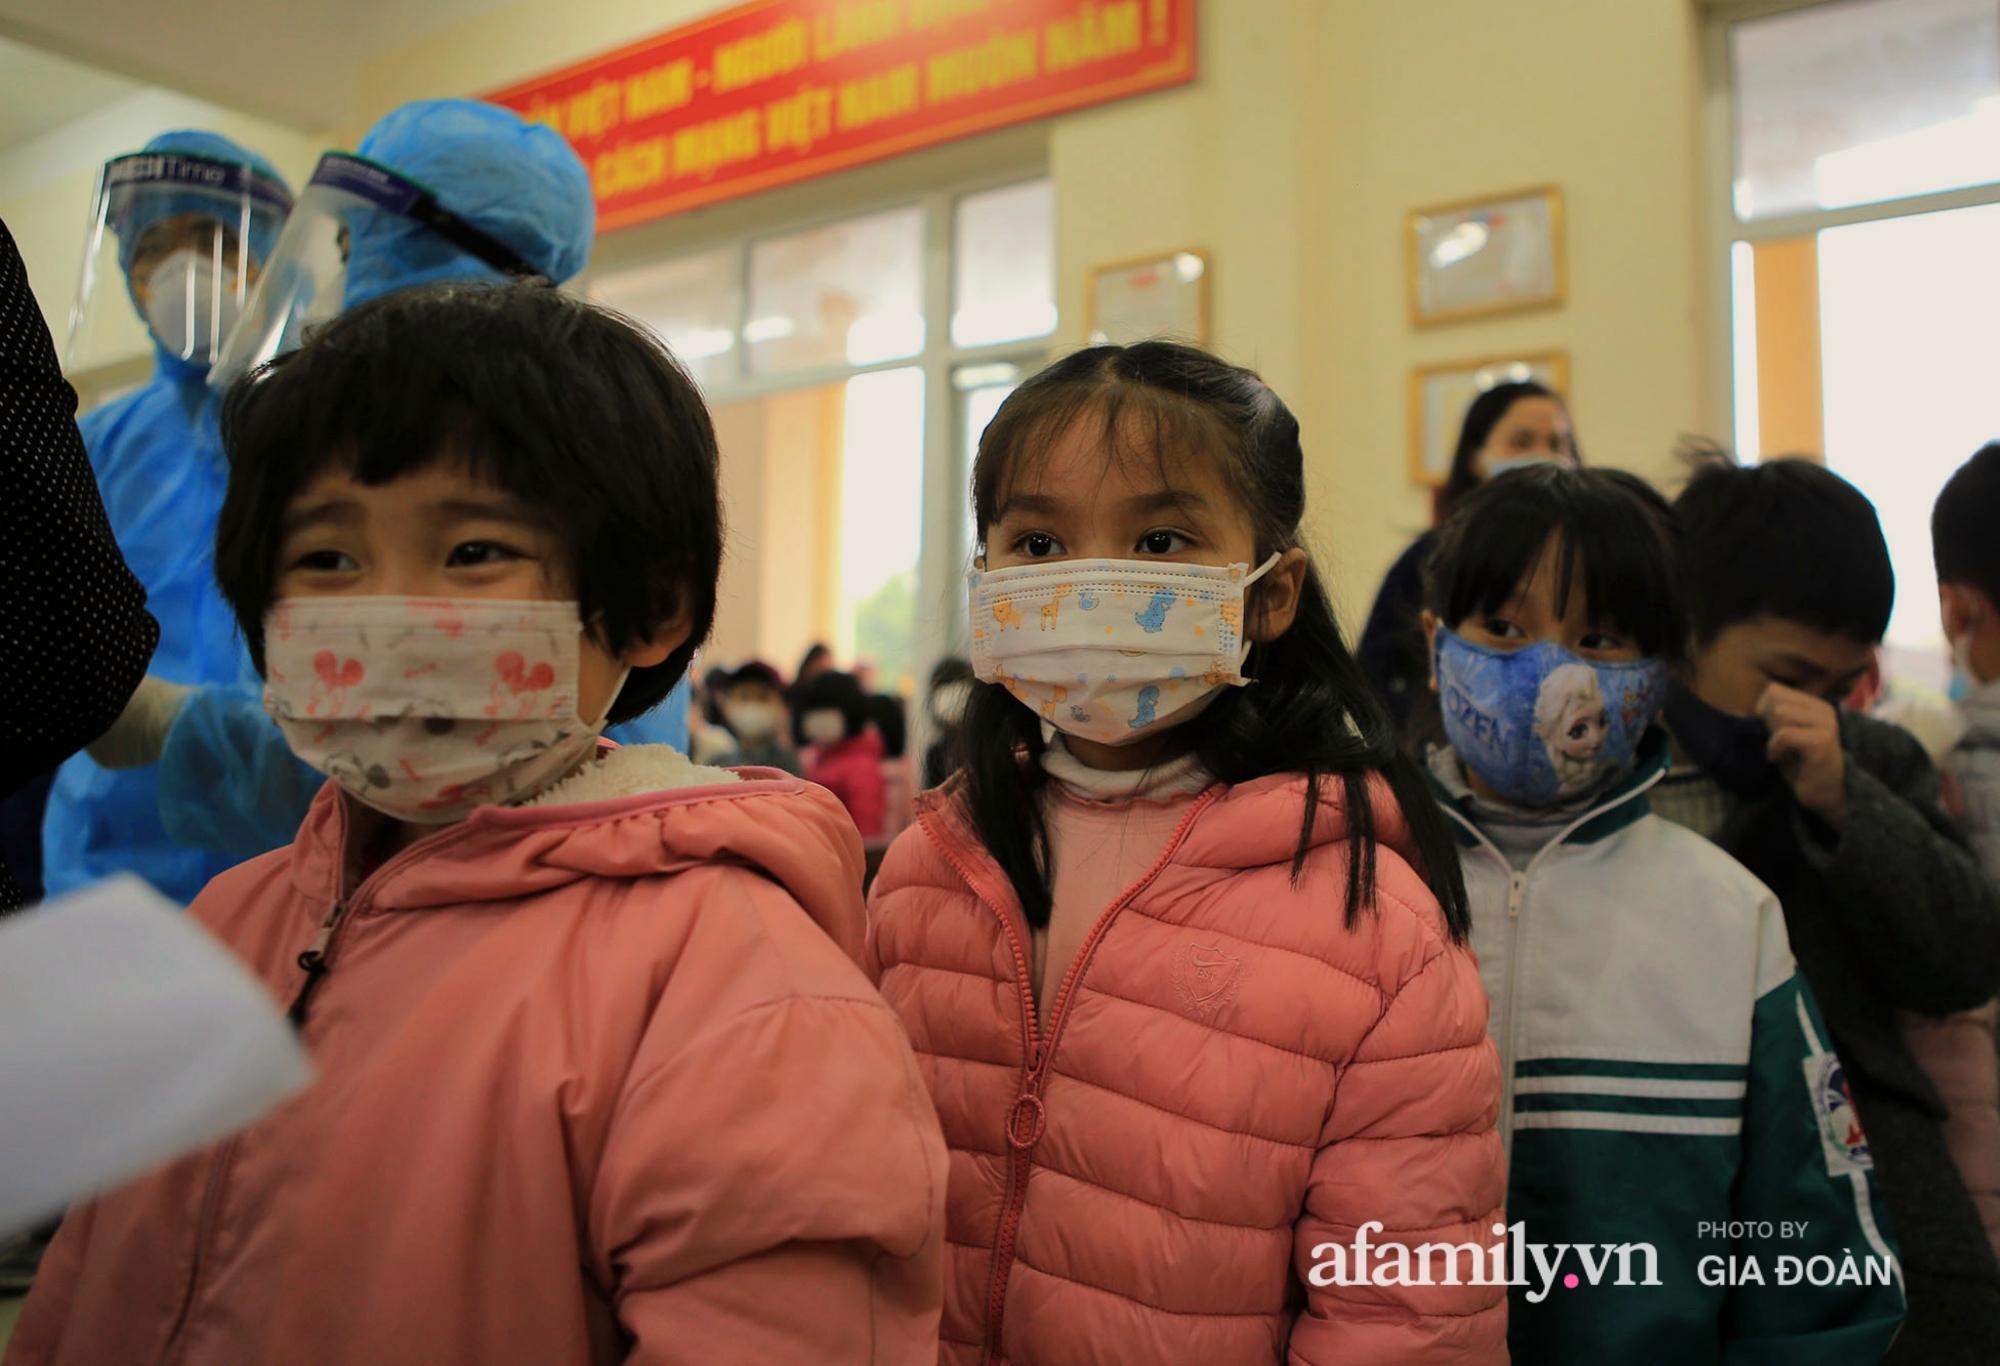 Hàng trăm F2 có liên quan đến học sinh đang cách ly tại Trường tiểu học Xuân Phương đội mưa đi lấy mẫu xét nghiệm Covid-19 - Ảnh 3.